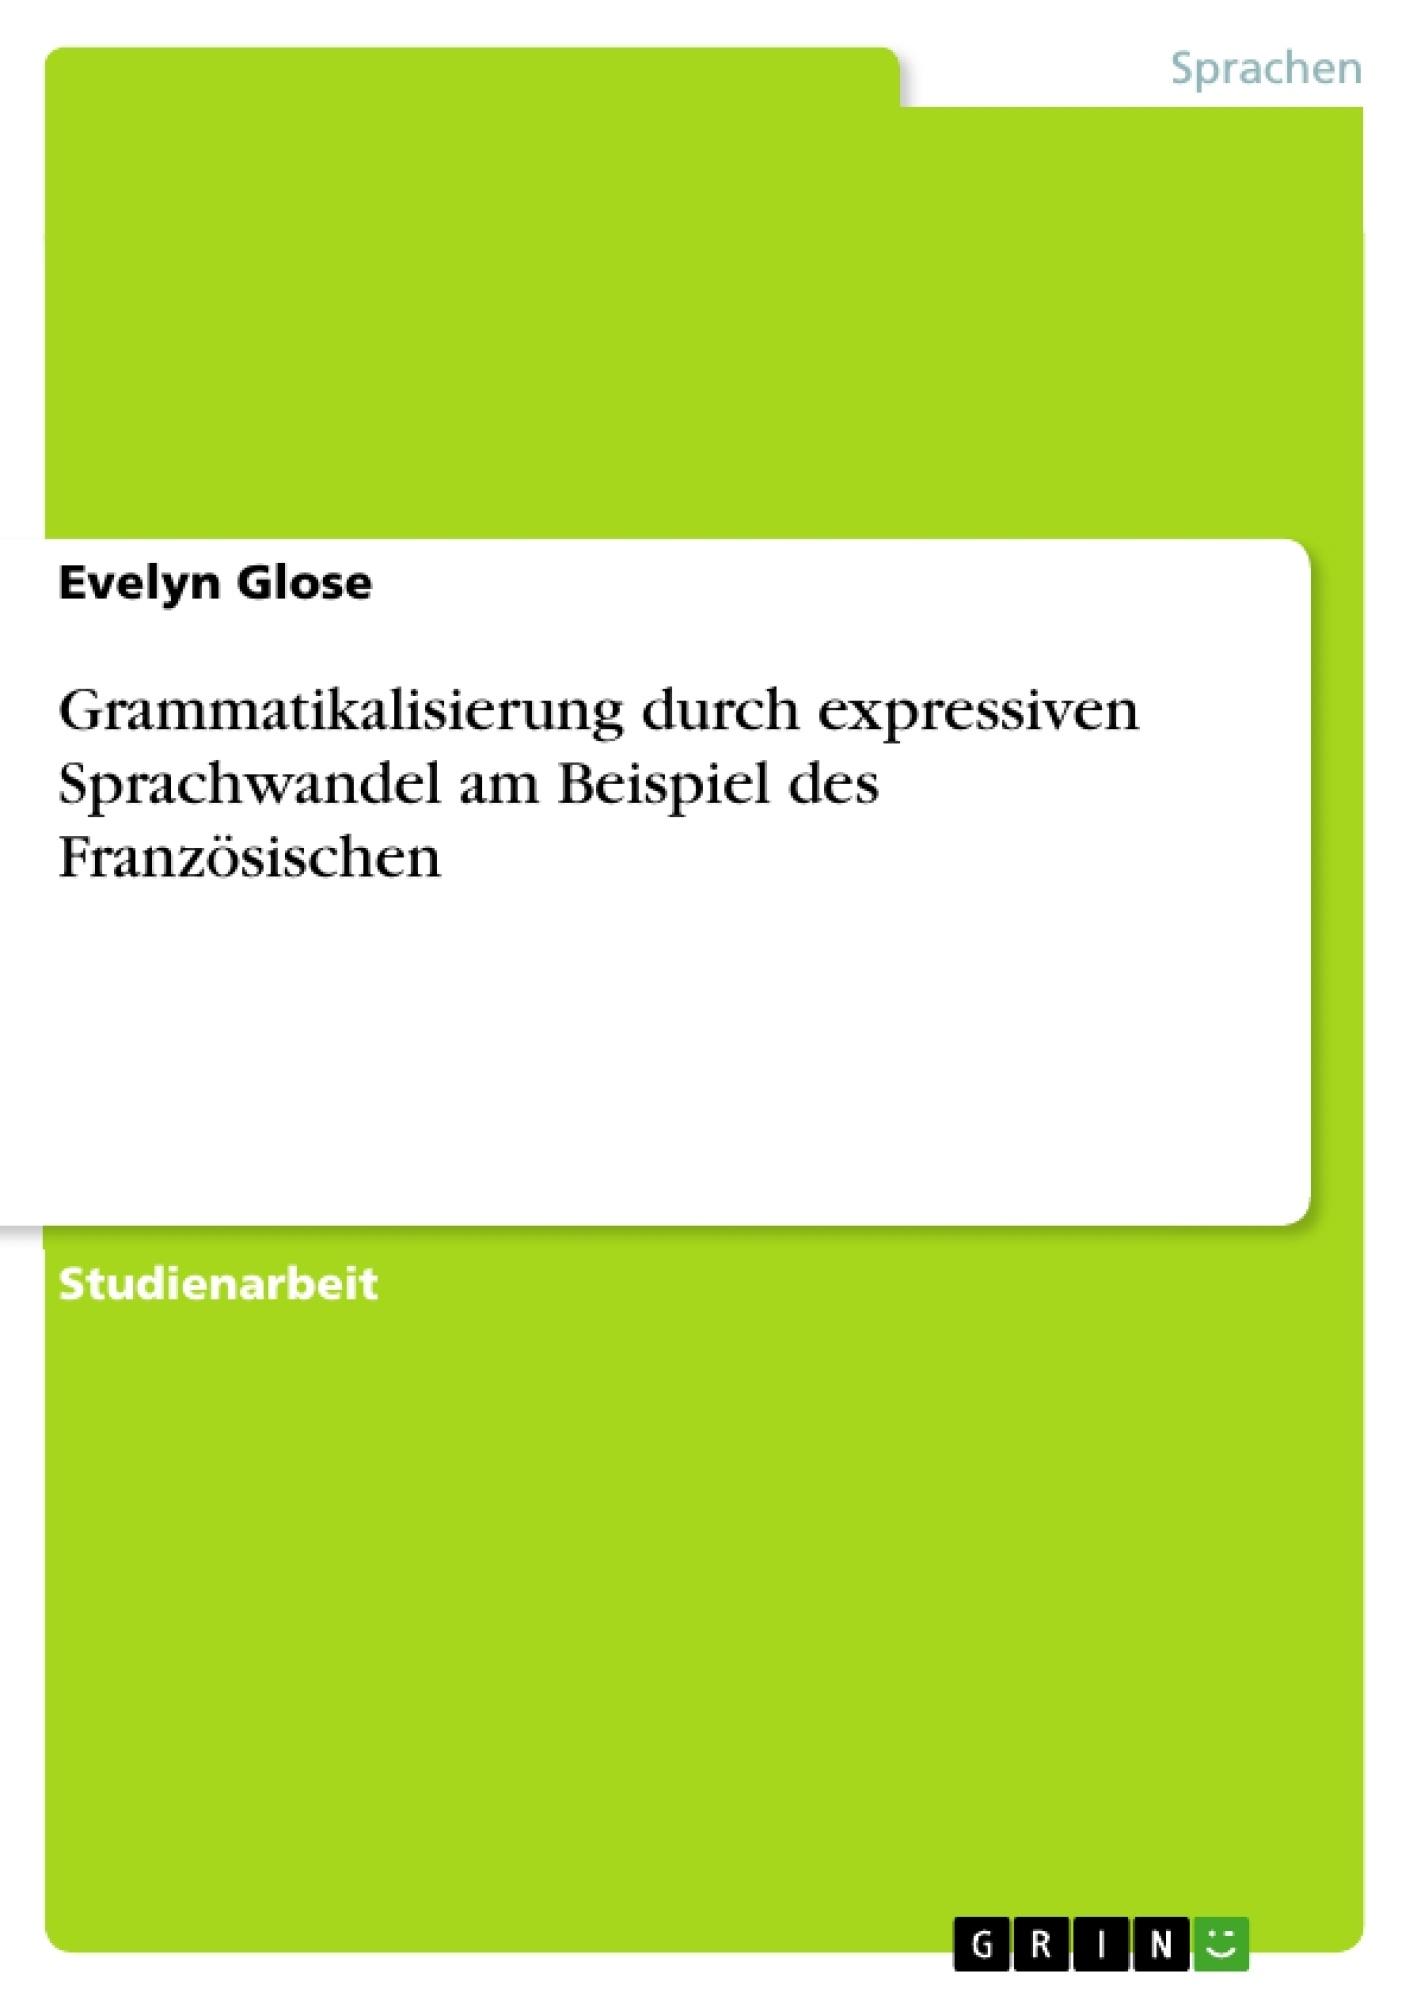 Titel: Grammatikalisierung durch expressiven Sprachwandel am Beispiel des Französischen